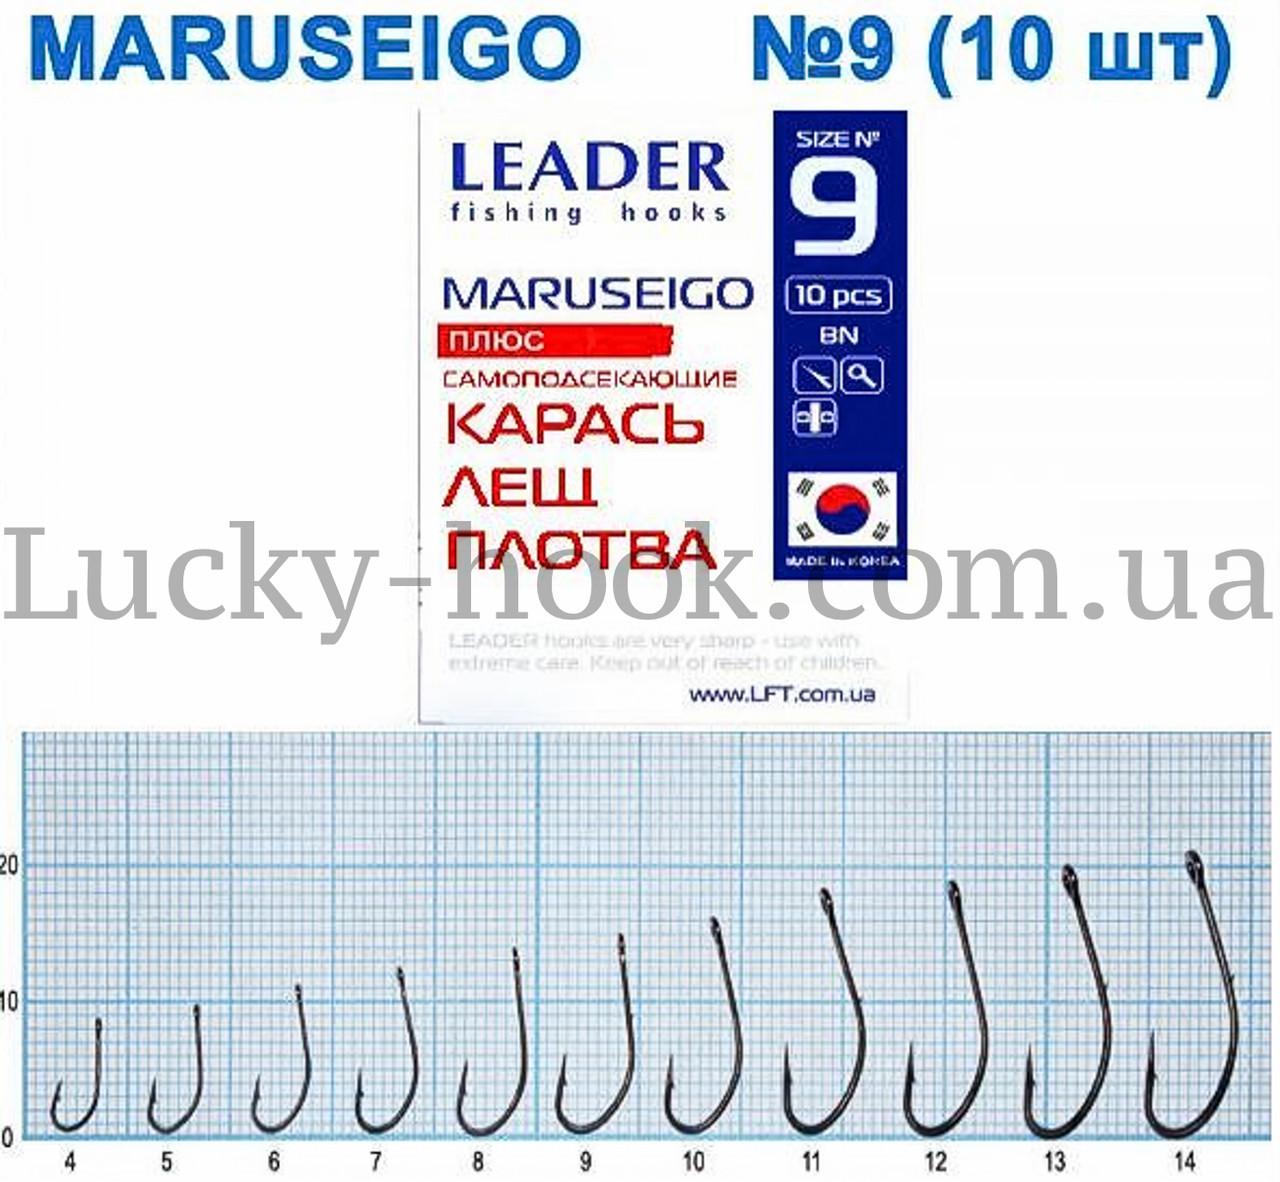 Крючок Leader Maruseigo плюс самоподсекающие (Карась, лещ, плотва) № 9